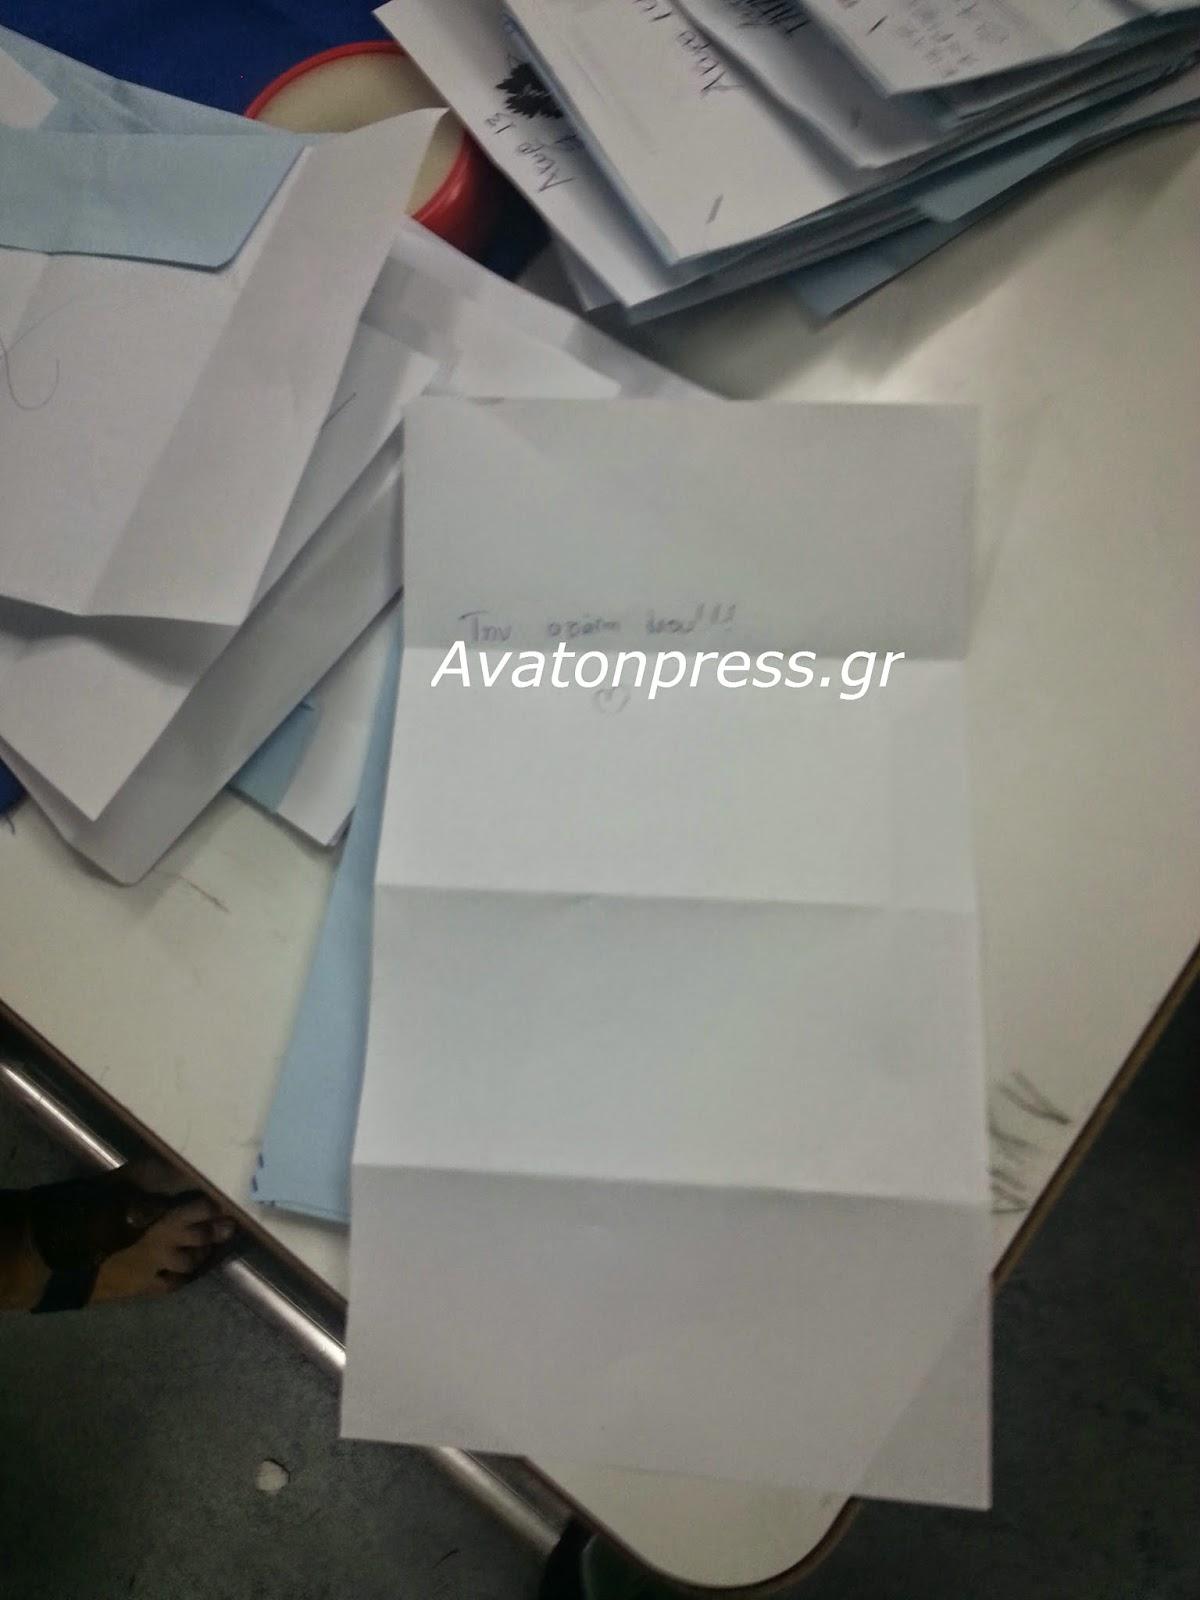 http://2.bp.blogspot.com/-LCr32lnYP7U/U4L5U0pMsCI/AAAAAAAAT4A/GwIYkJwFJv4/s1600/akyro+3+teliko.jpg